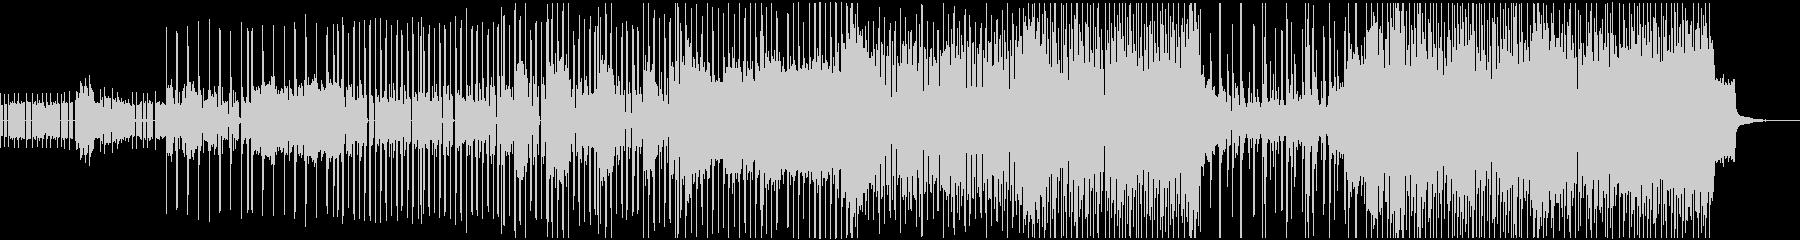 サンプリングされたボーカルサウンド...の未再生の波形